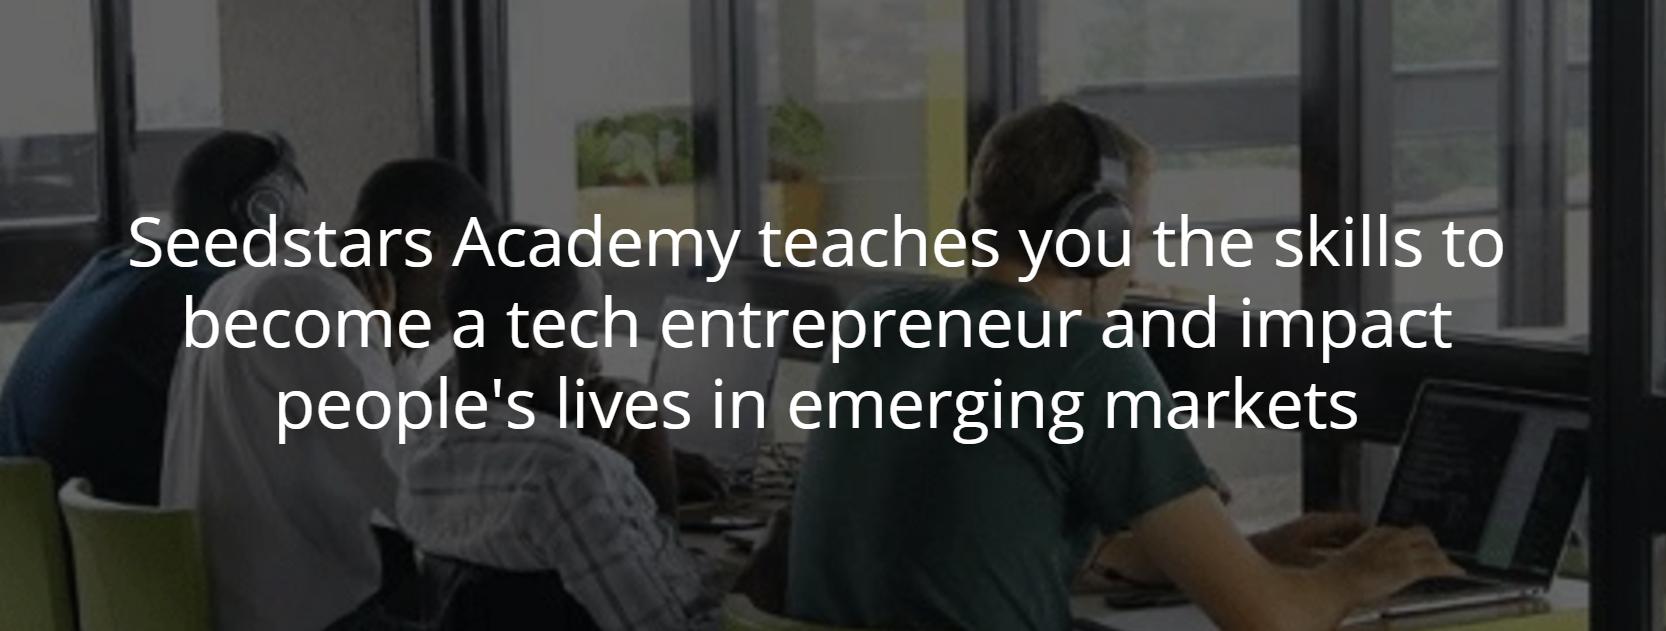 Seedstars Academy For Entrepreneurs Opens in Egypt